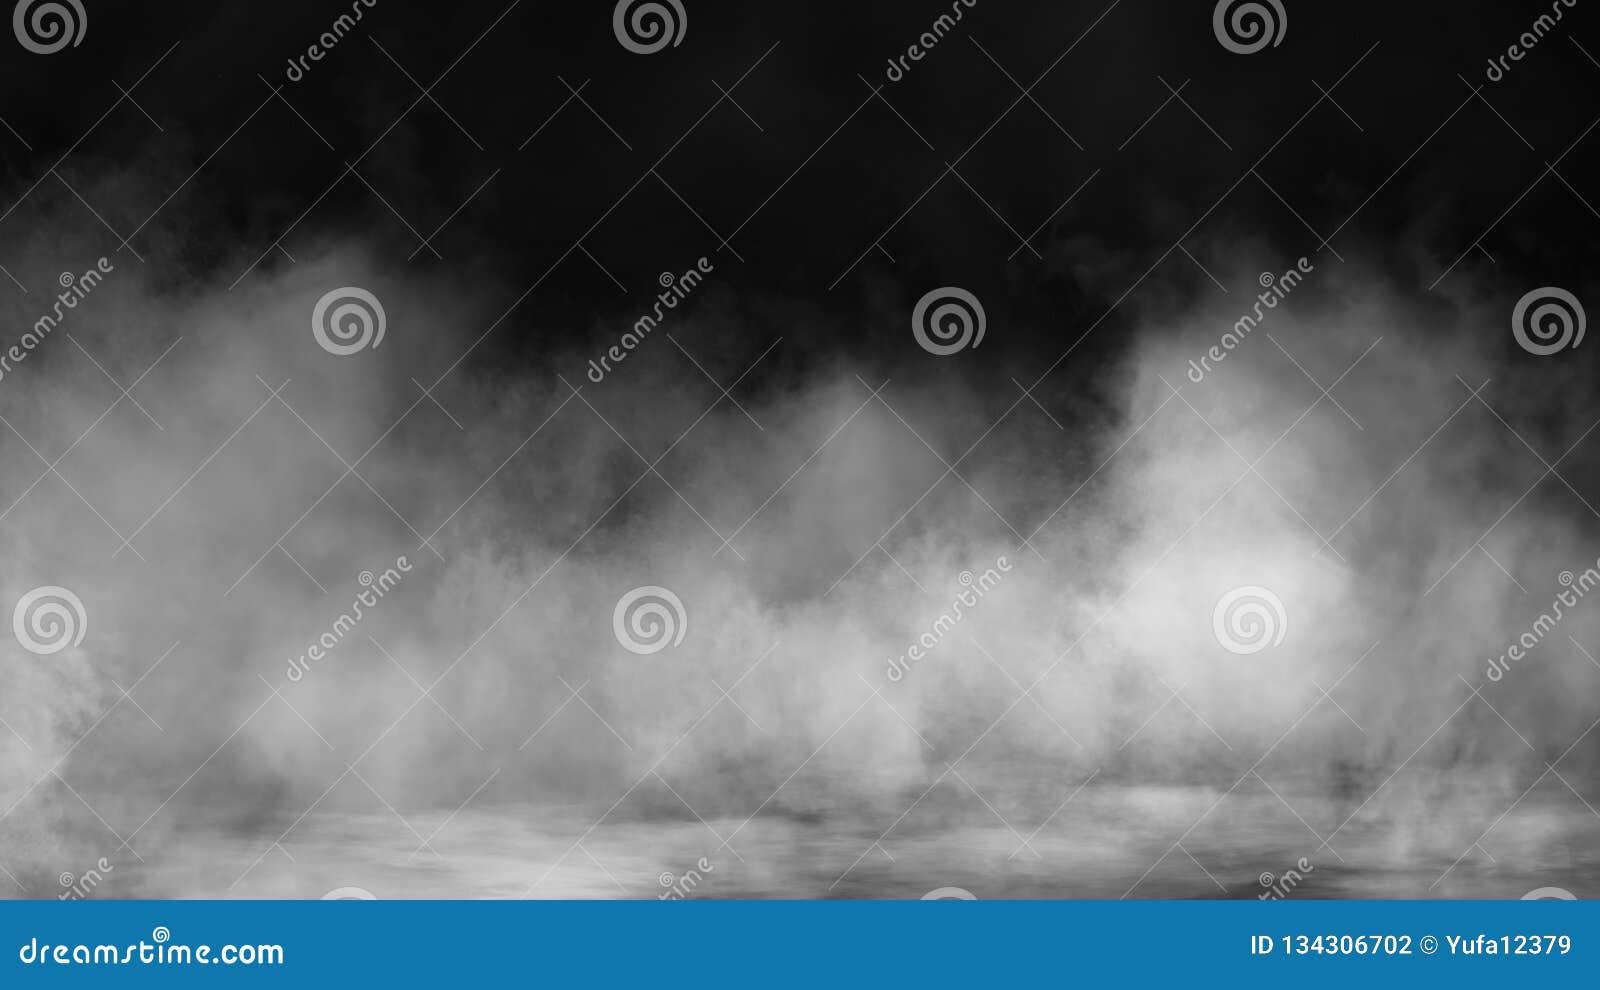 Fumo no assoalho Fundo preto isolado Folhas de prova enevoadas da textura do efeito de névoa para o texto ou o espaço